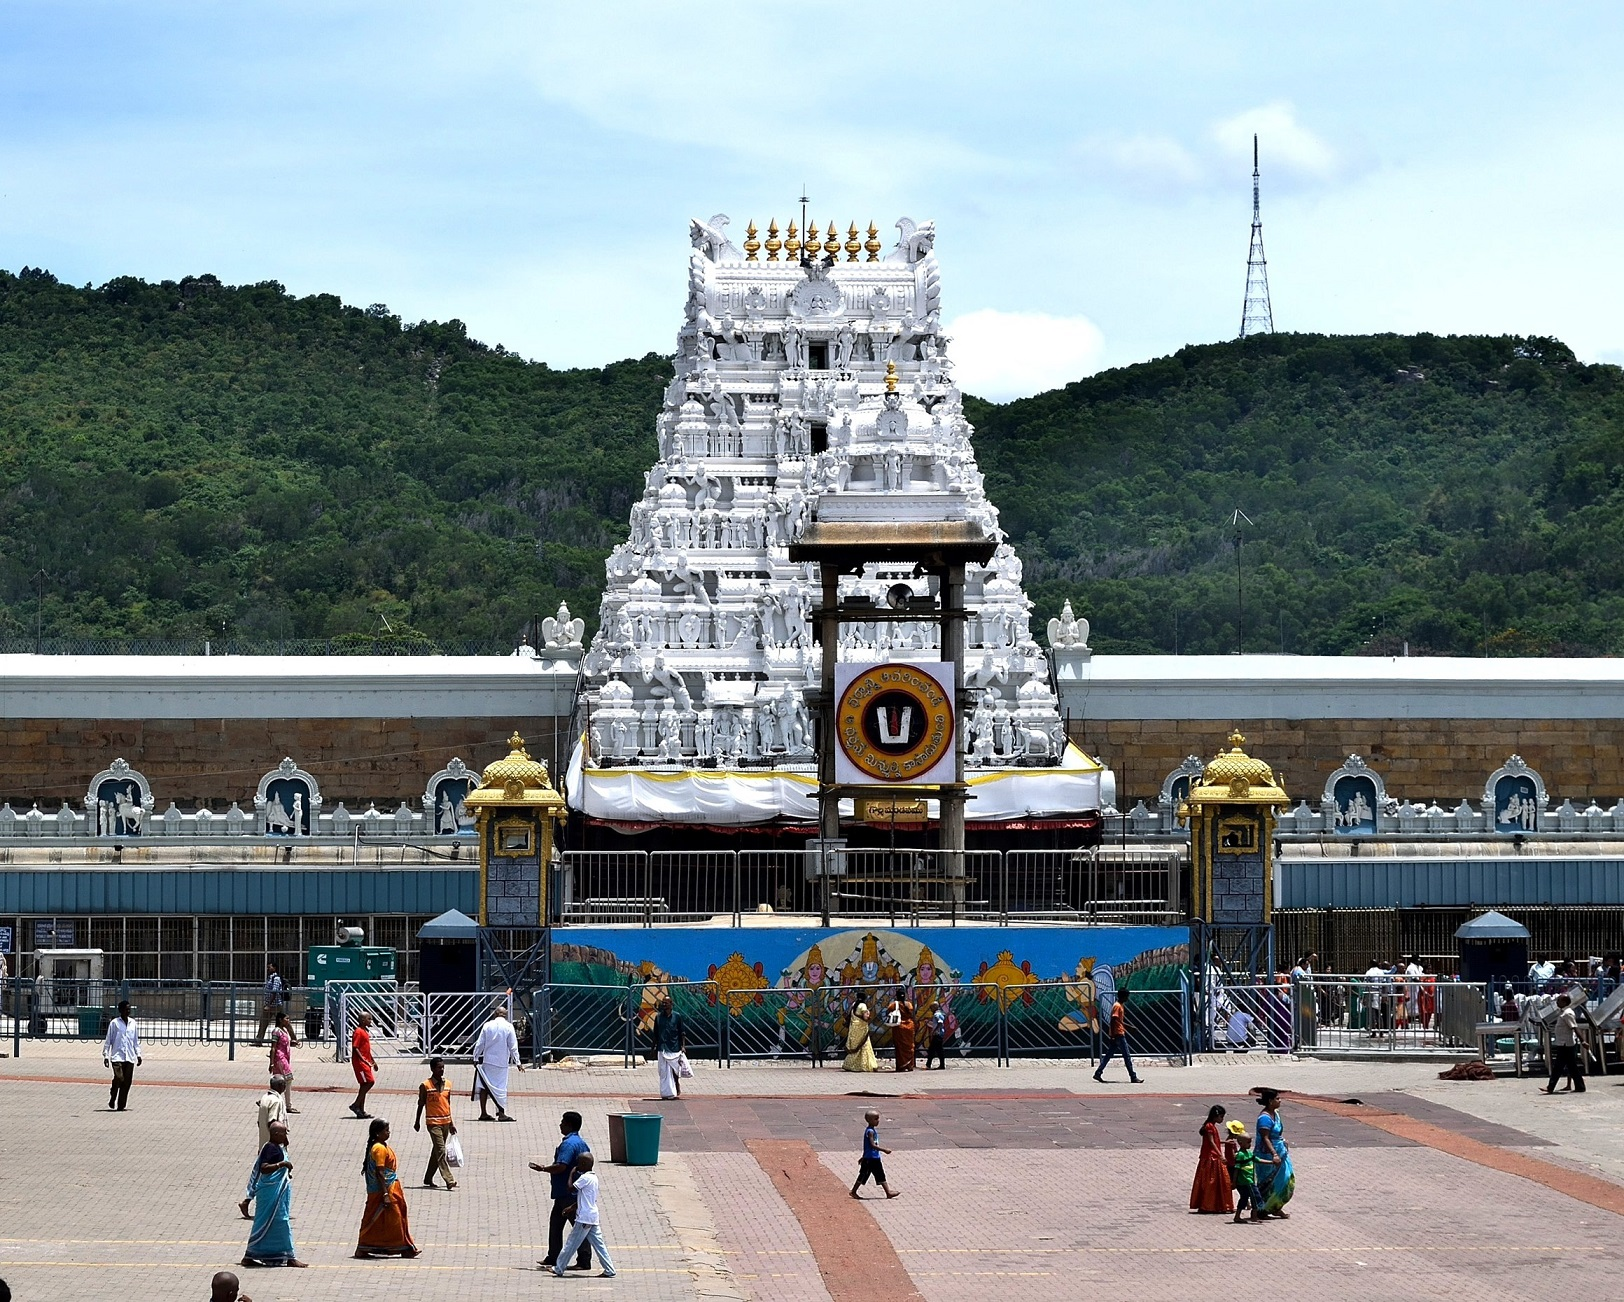 آندھراپردیش کے چتور ضلع کے تروپتی میں واقع تروپتی بالاجی مندر(فوٹو: وکی پیڈیا)